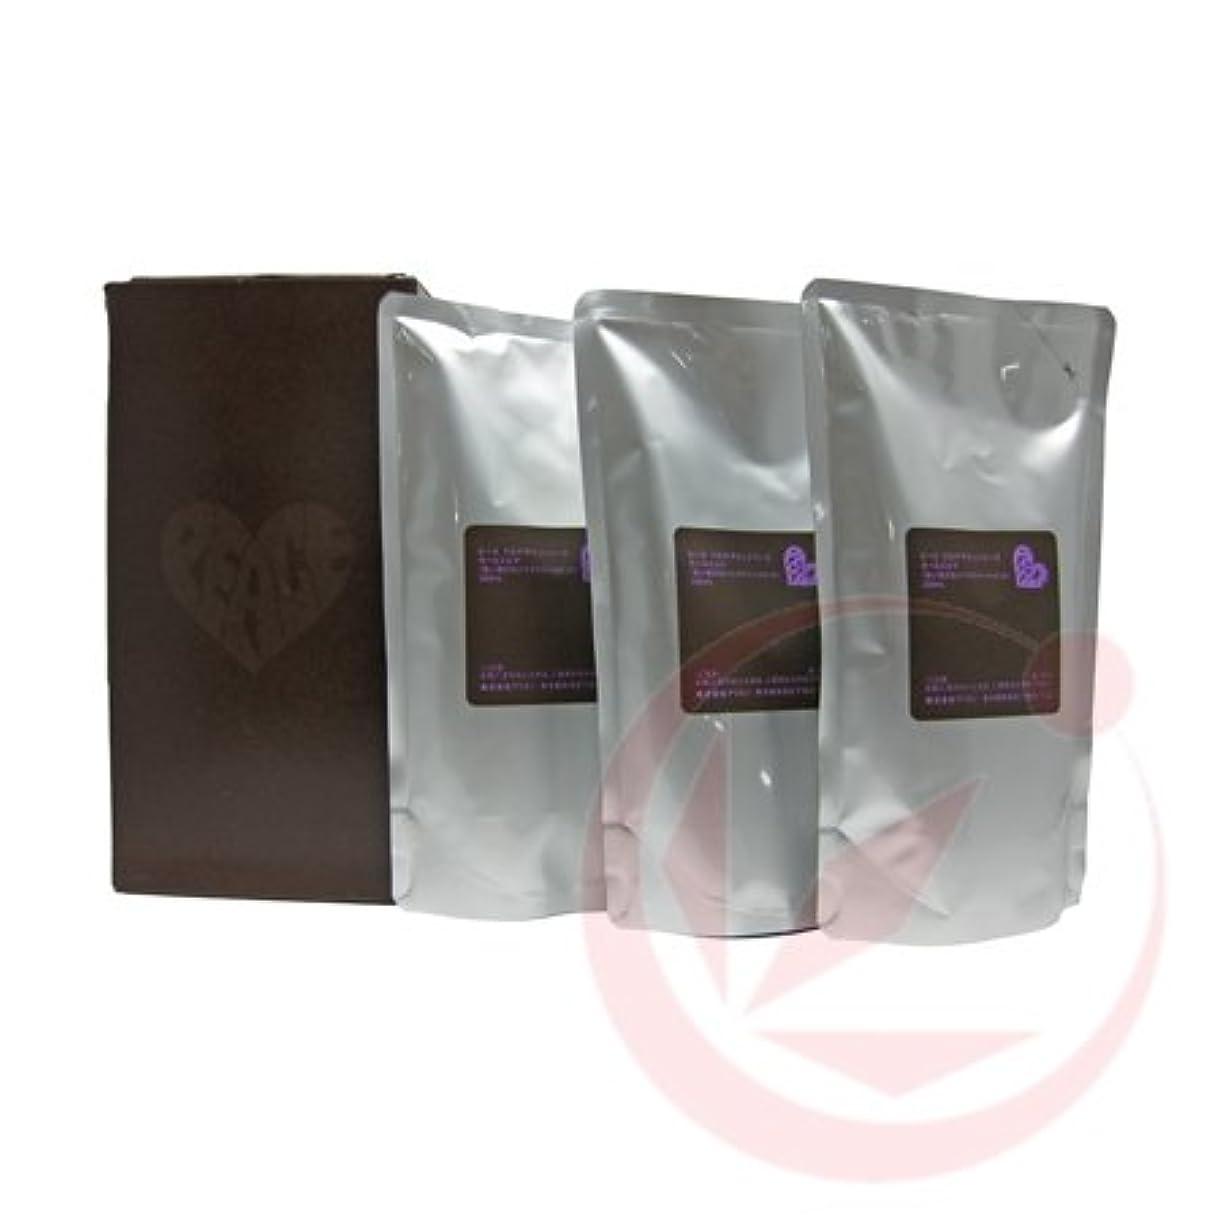 パニック影のある立証するアリミノ ピース カールmilk ミルク(チョコ) 200ml(業務?詰替用)×3個入り